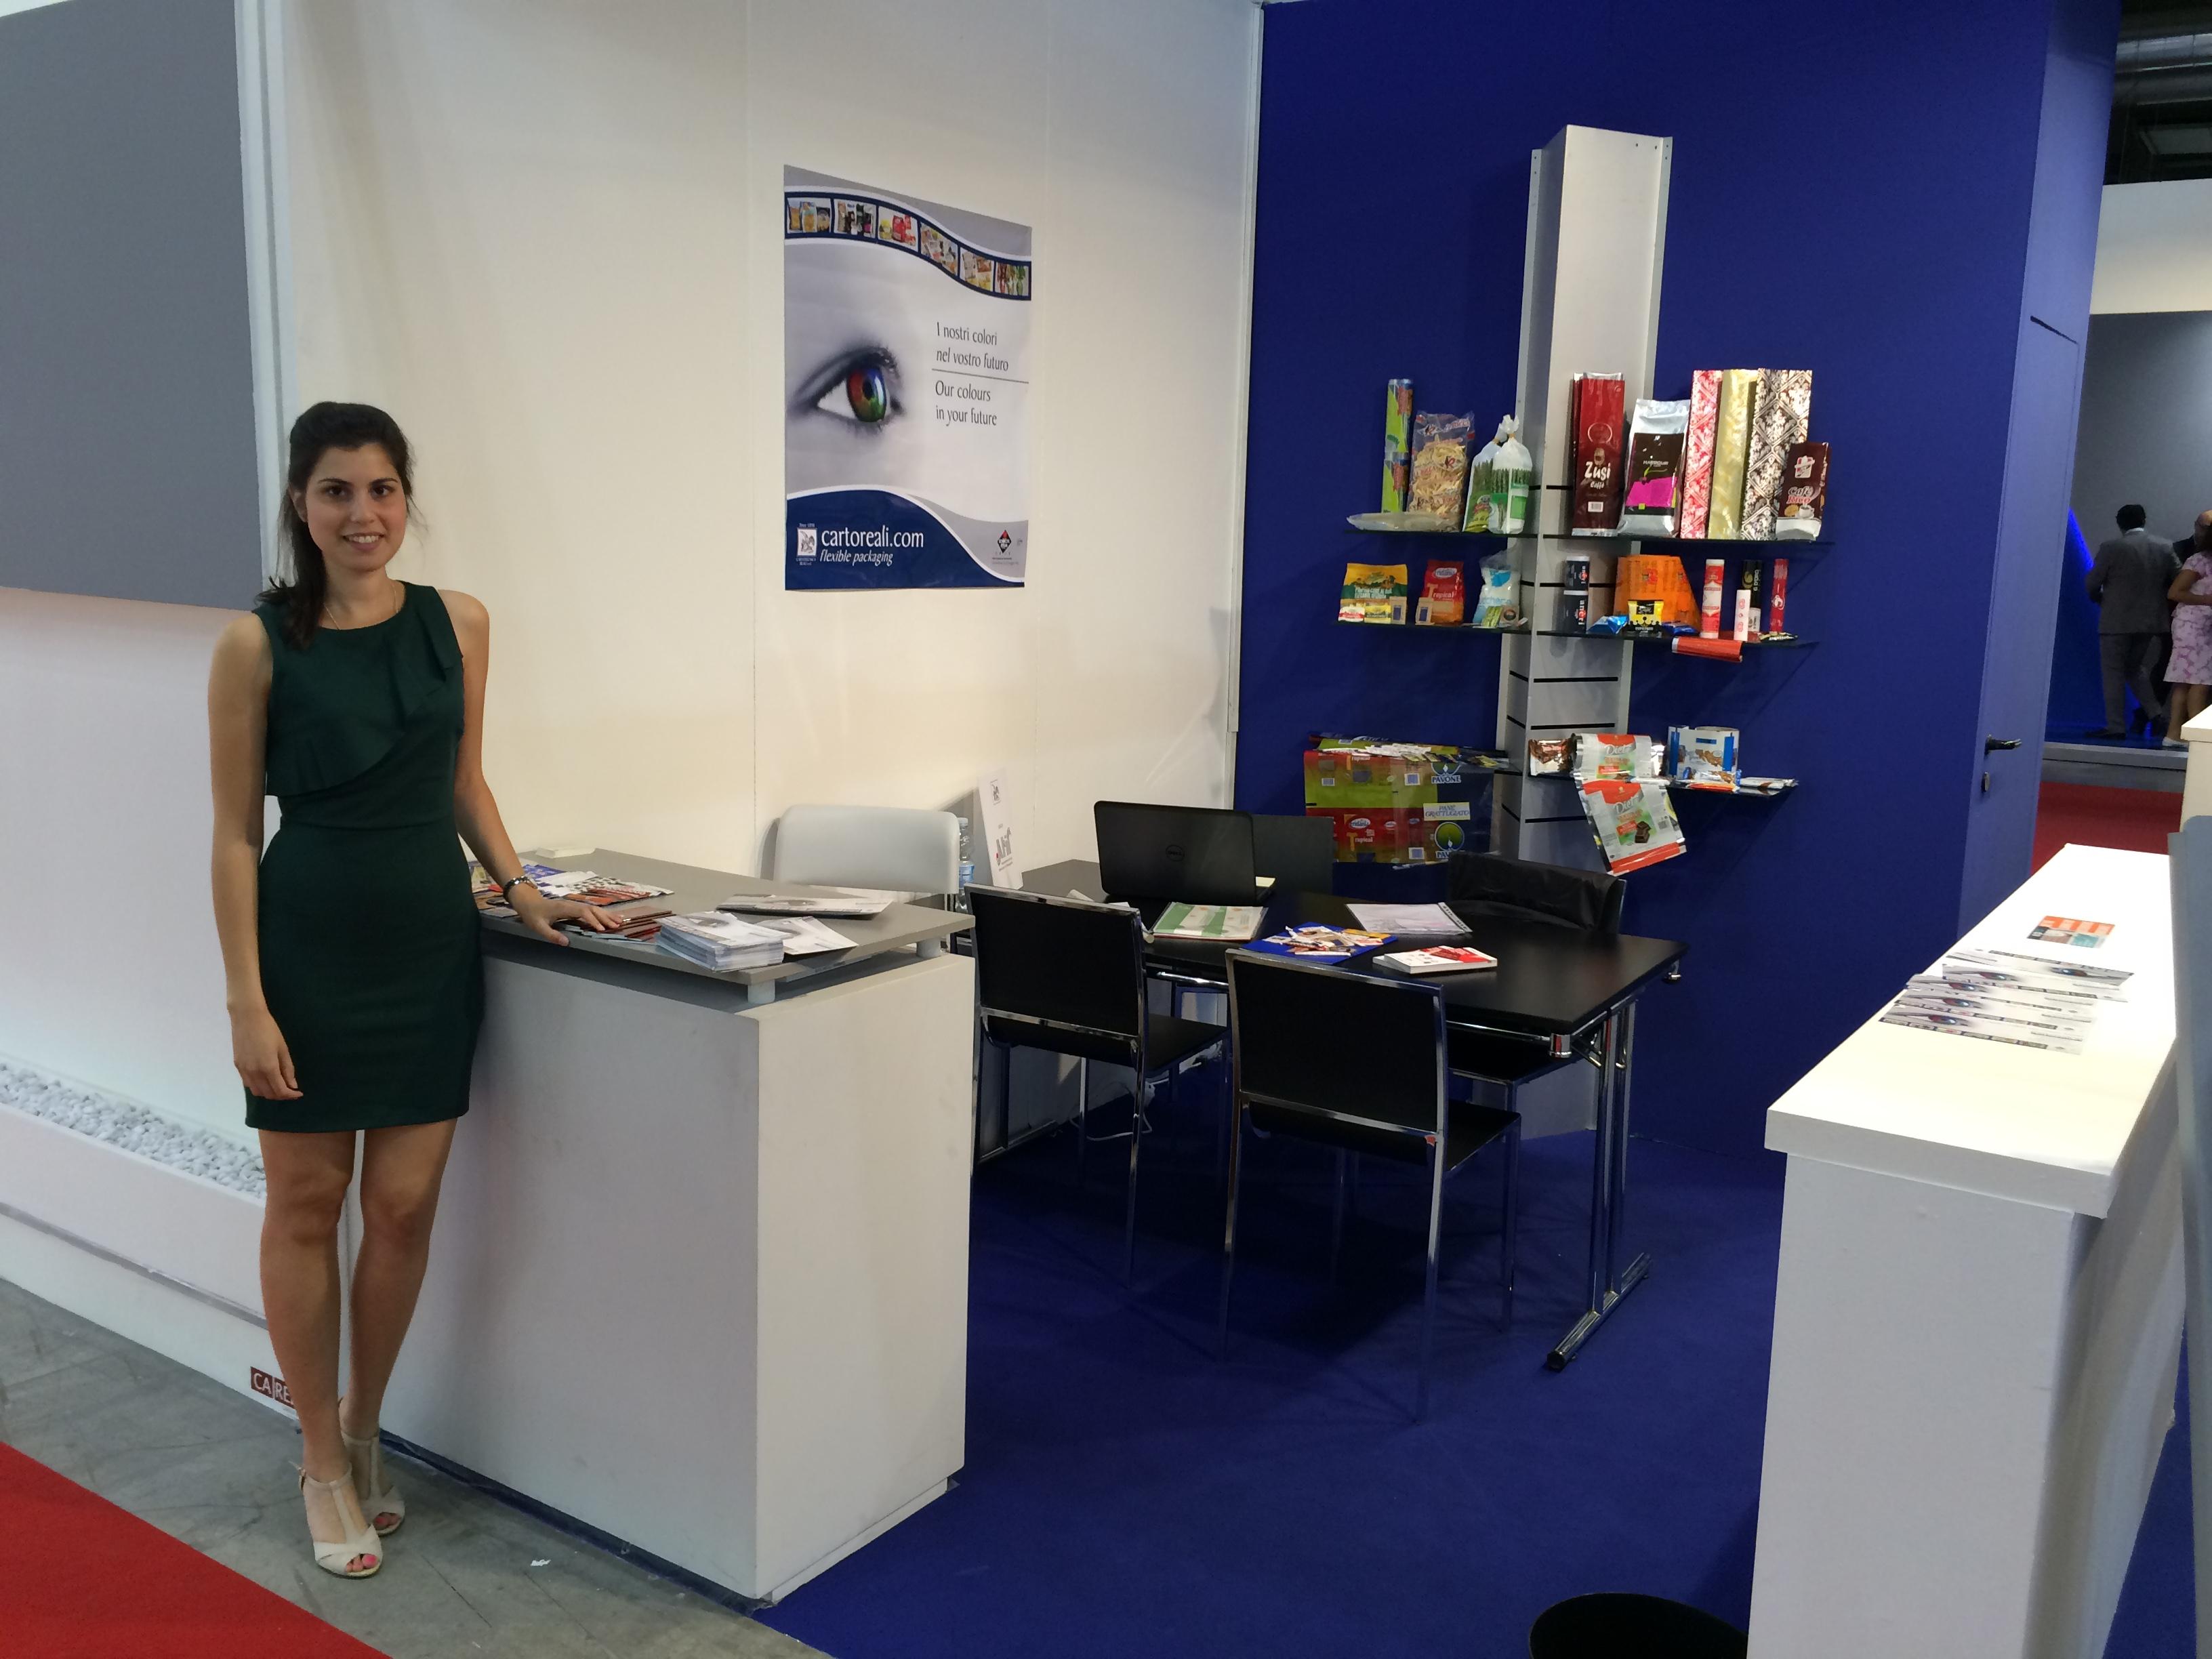 Packaging alimentare flessibile azienda reali srl for Fiera tecnologica milano 2016